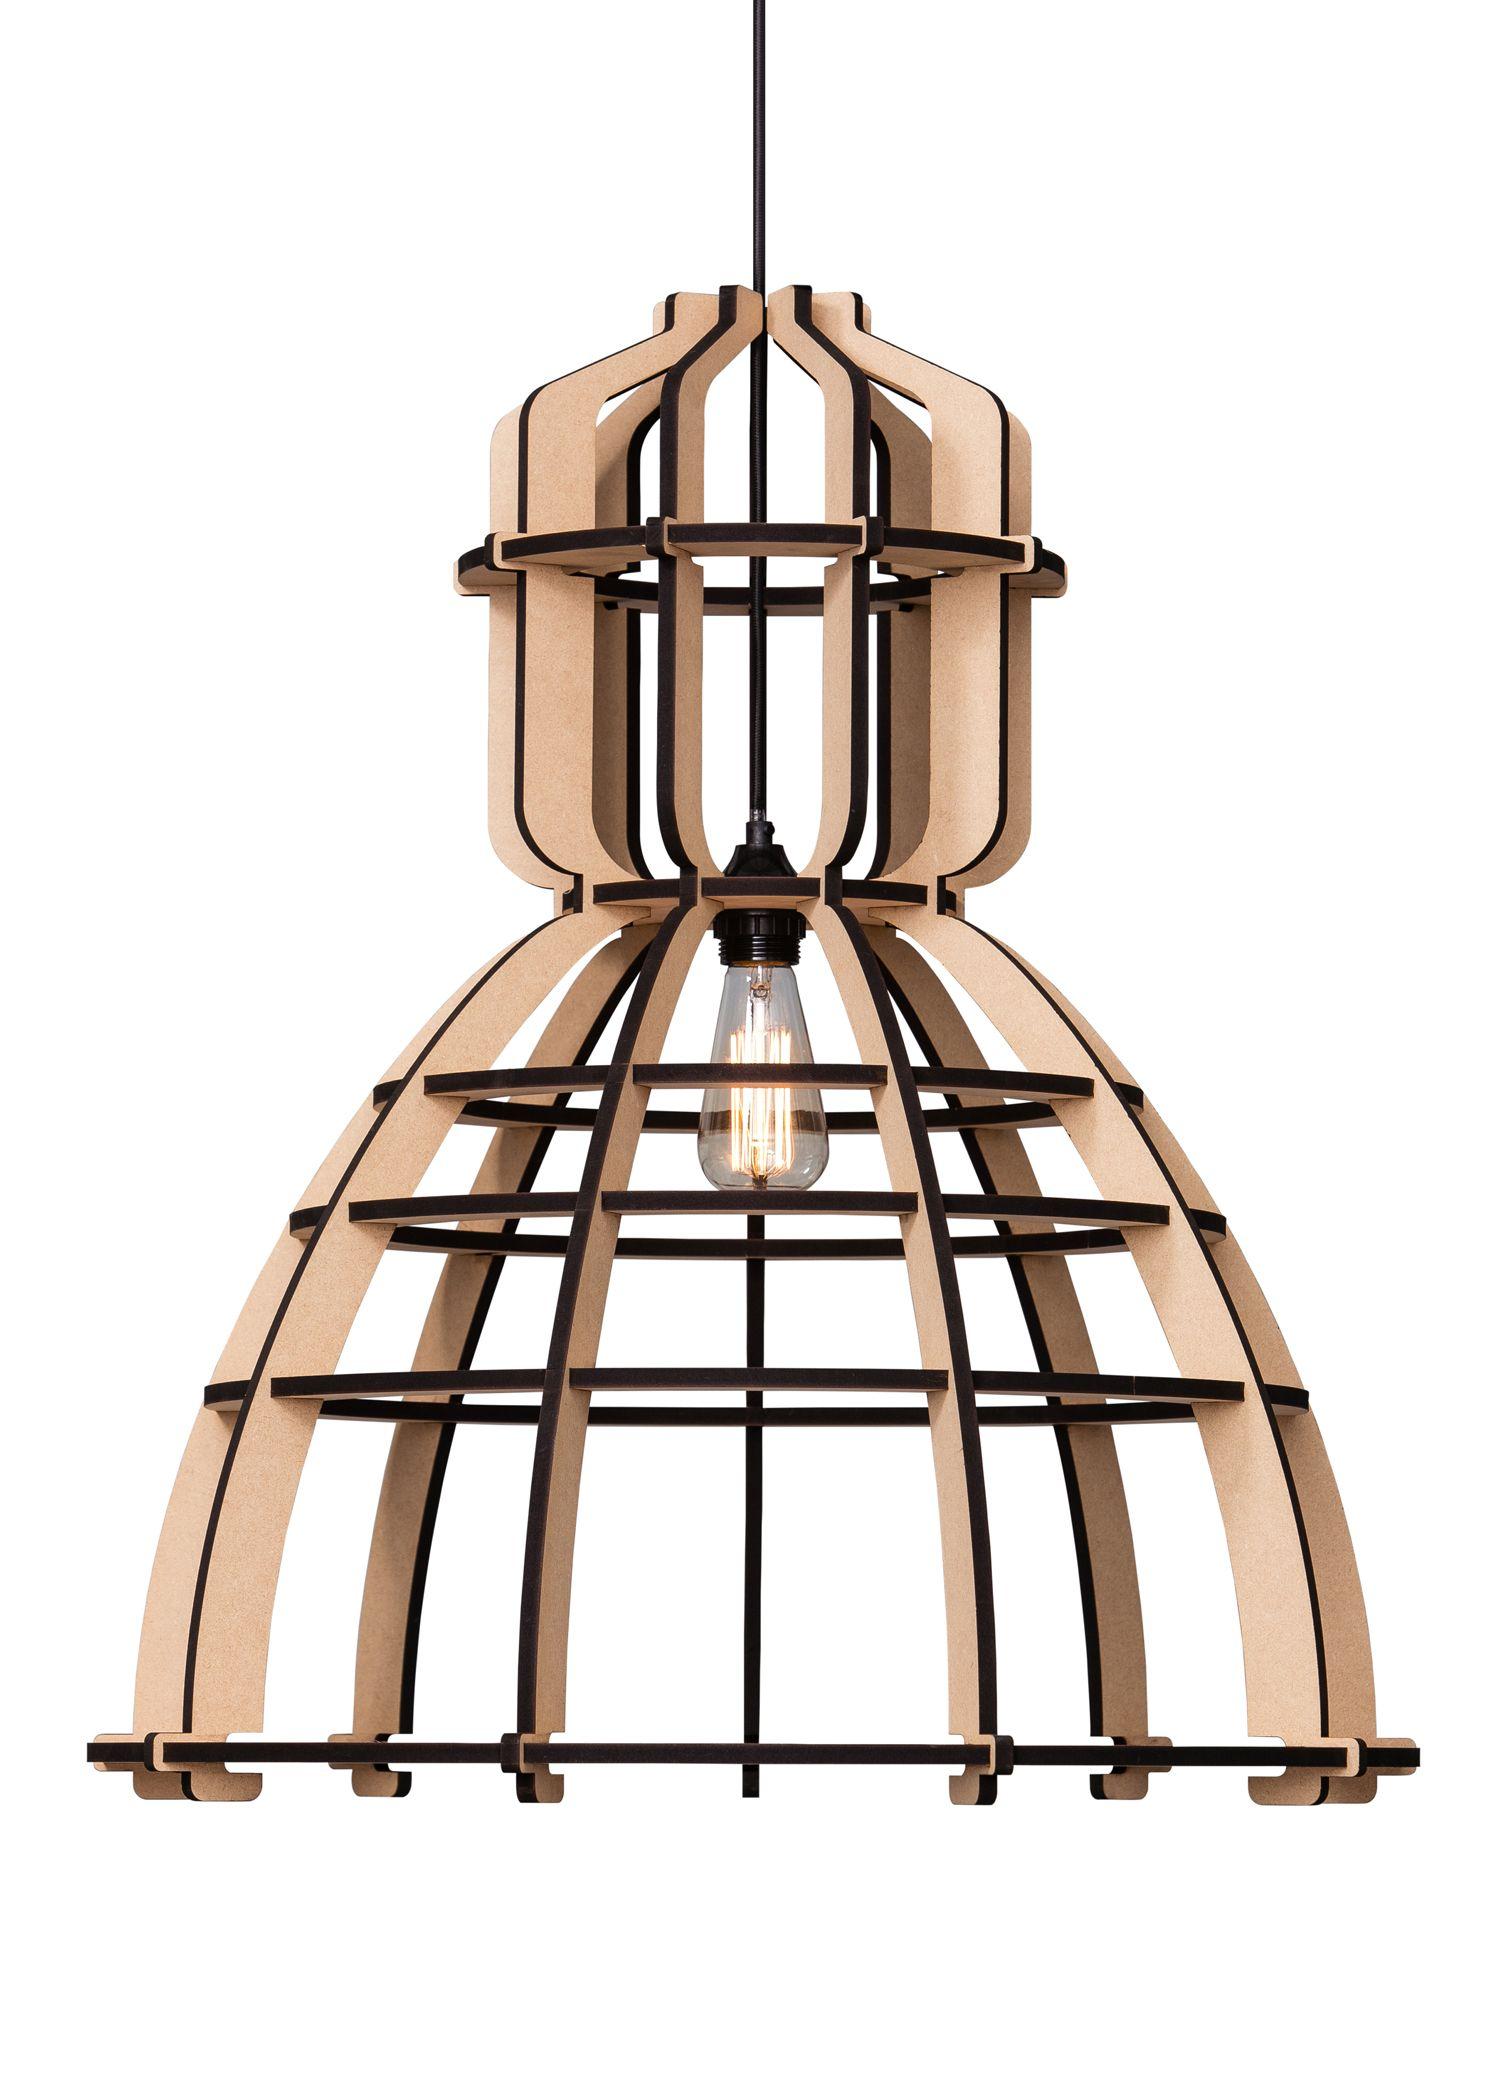 Hetlichtlab   No.19XL industrielamp   Alle lampen   Verlichting  